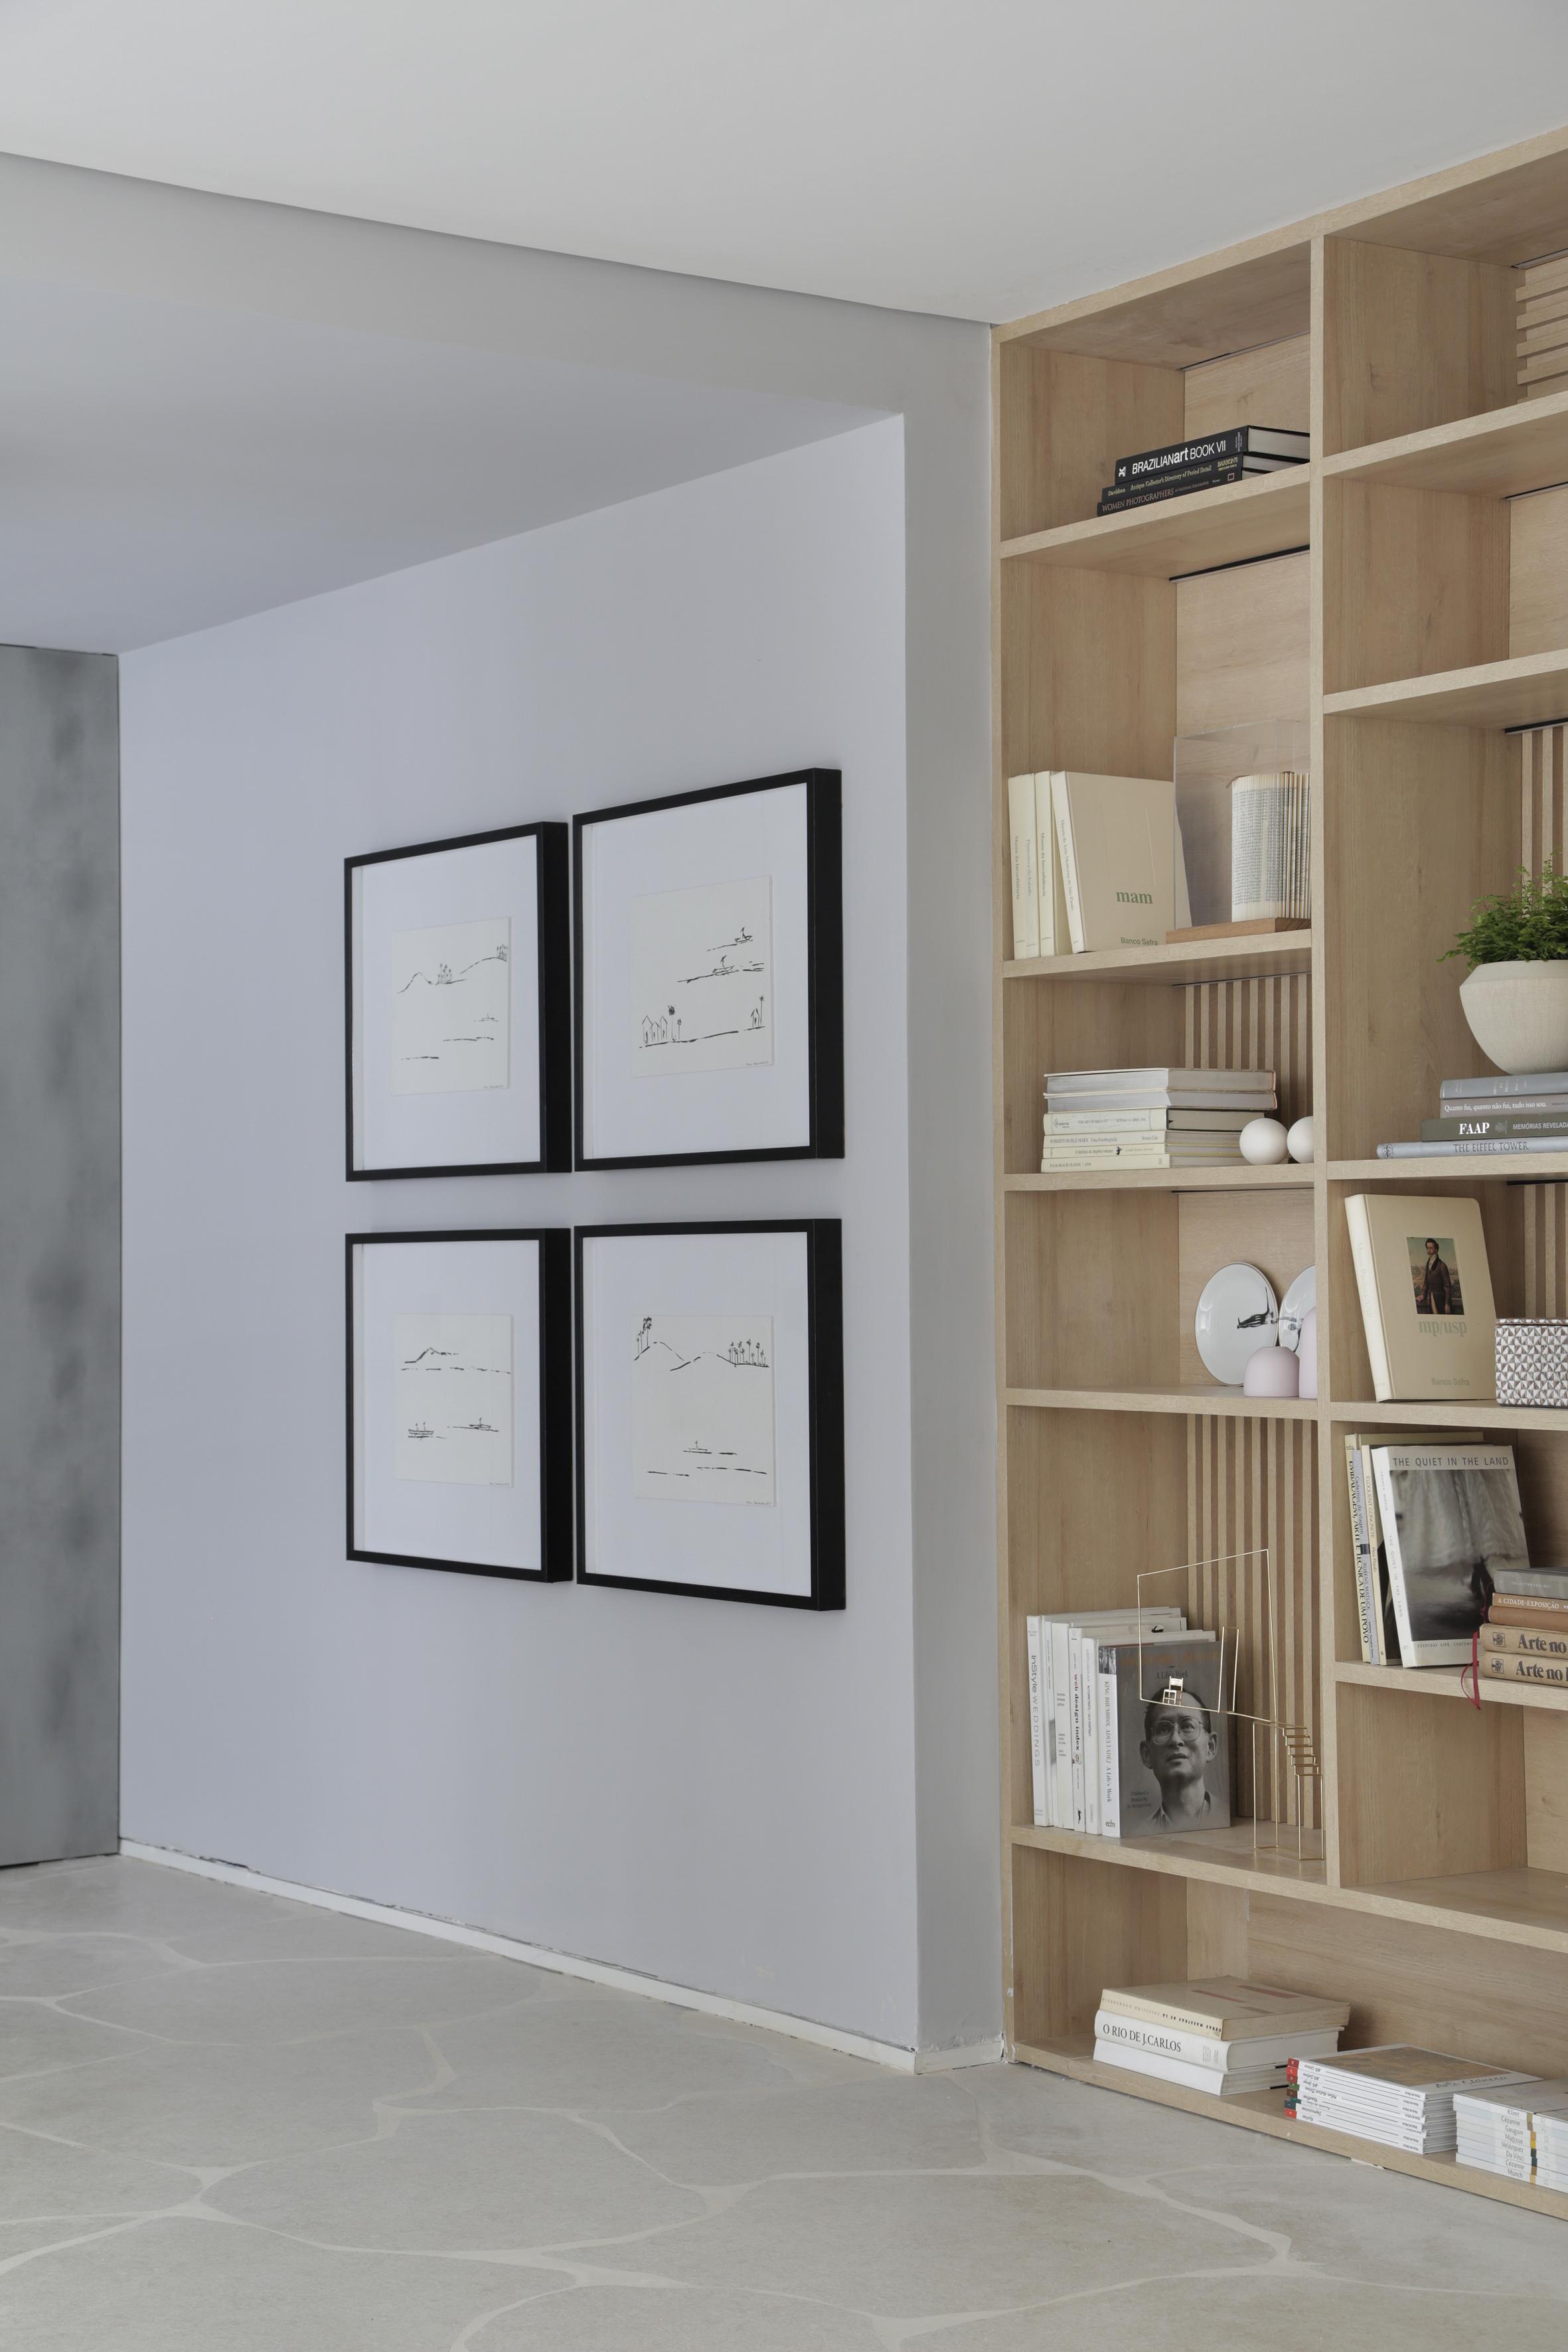 Casa Conecta: Ticiane Lima, CASACOR SP 2019.  Uma enorme estante nichada que cobre a parede inteira, e exibe a tonalidade natural da madeira clara, piso em formato de rochas  e quadros de Zanine e de Maria Kruchewiscky.